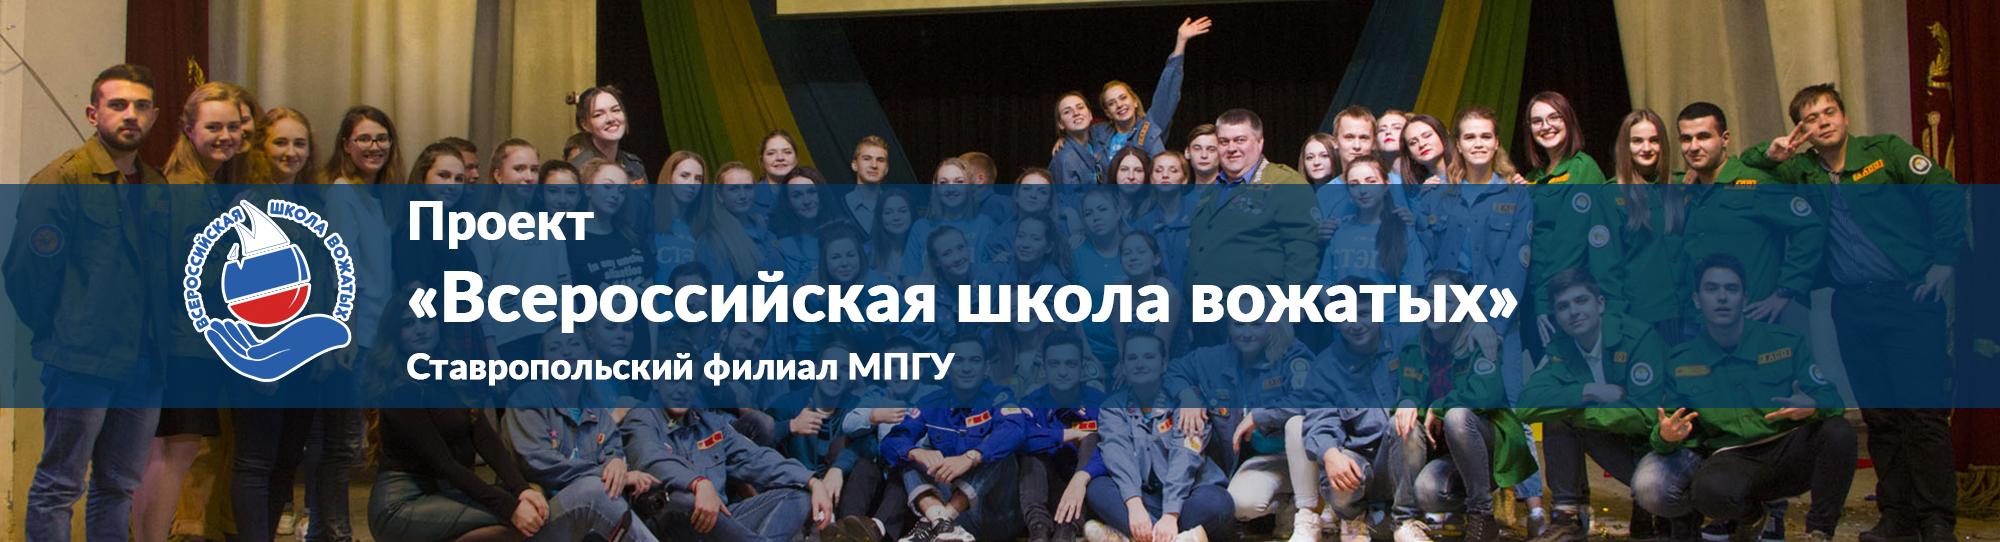 banner-stavropol-4